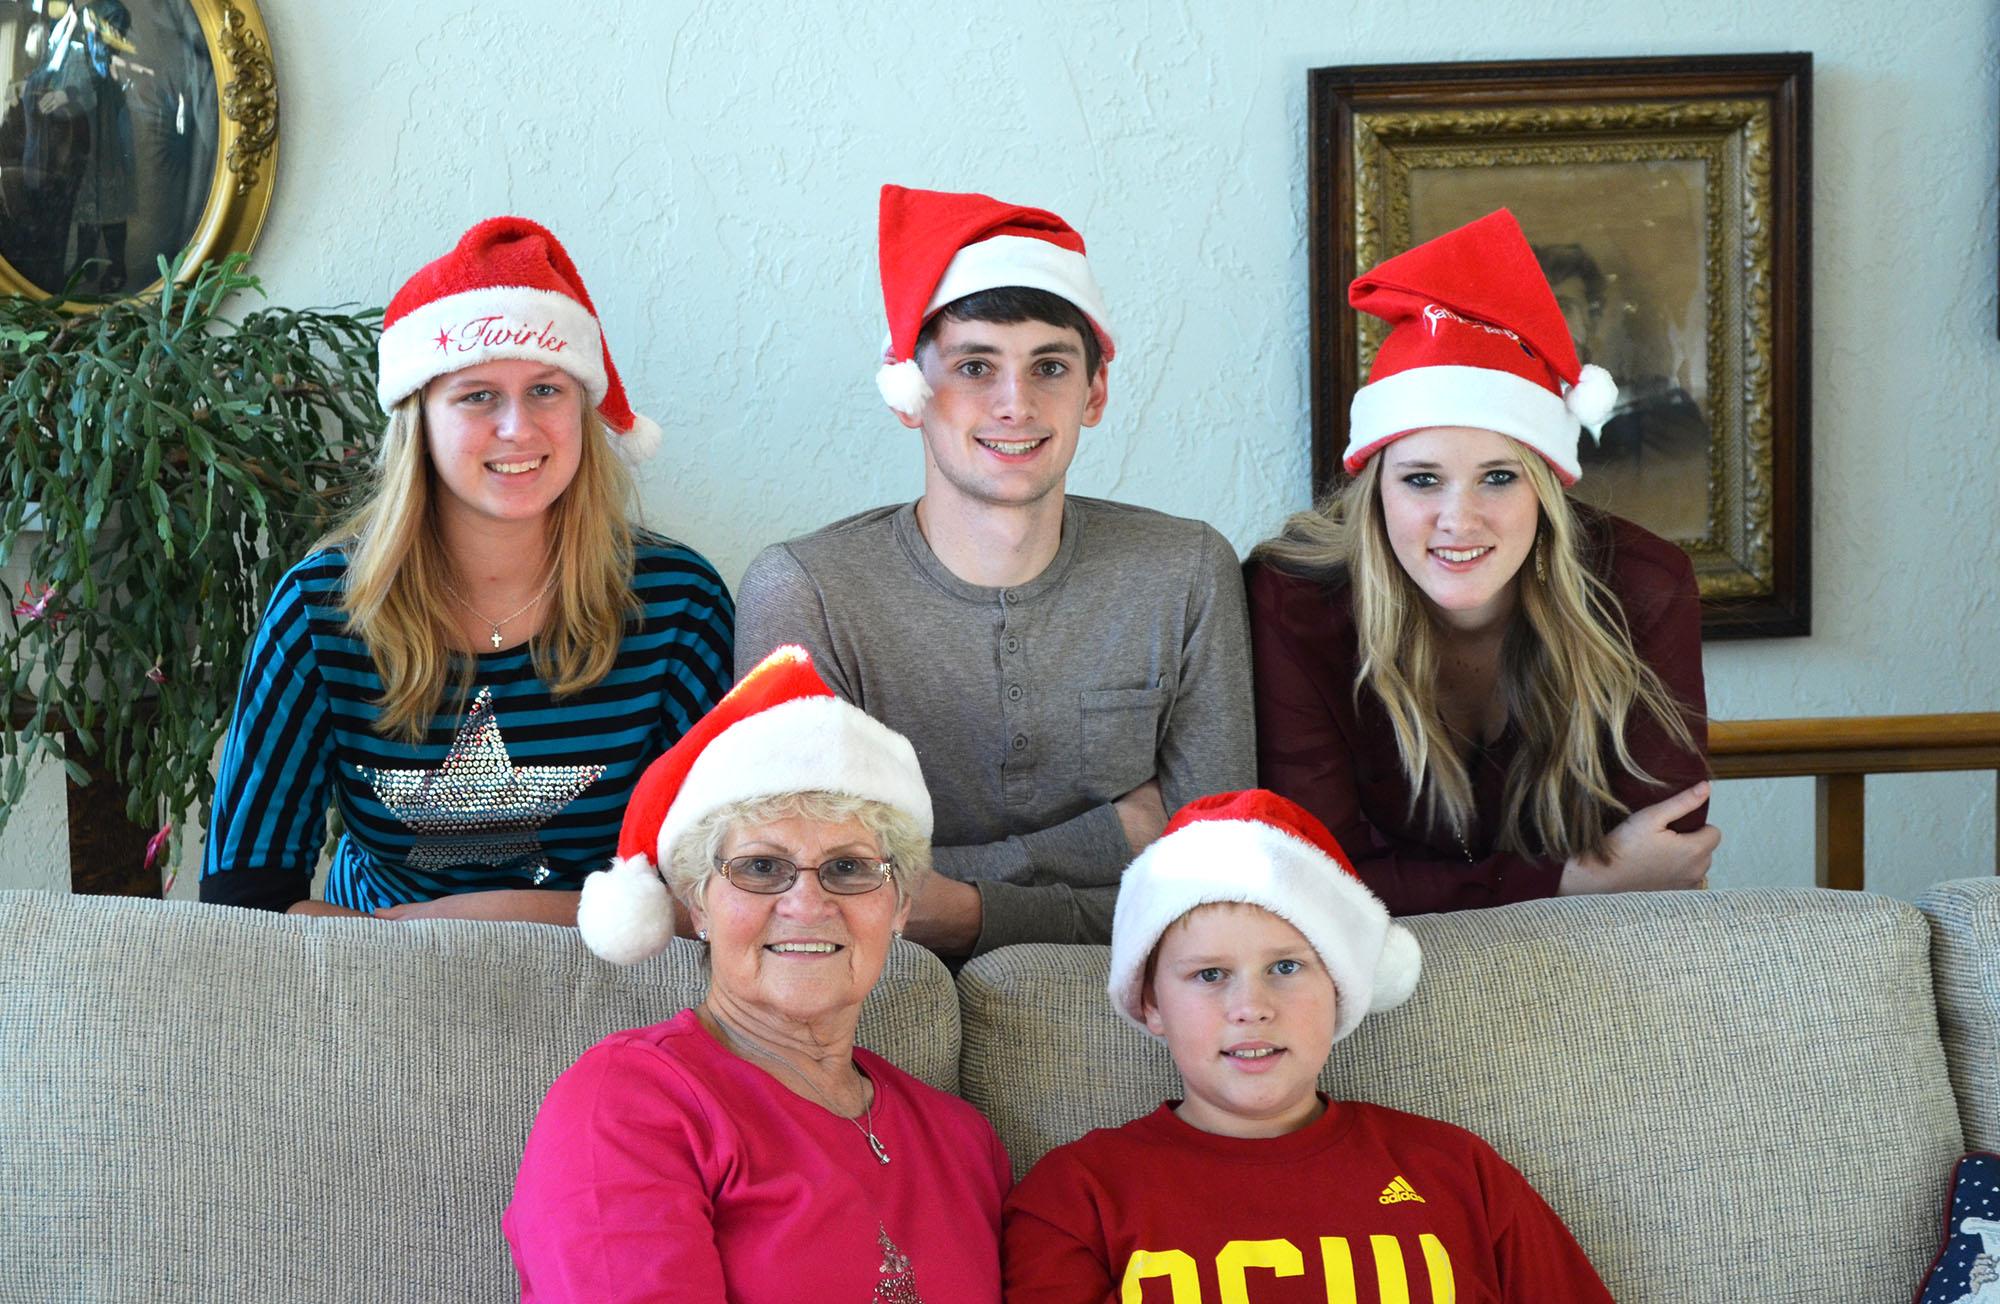 Nama & the Grandkids